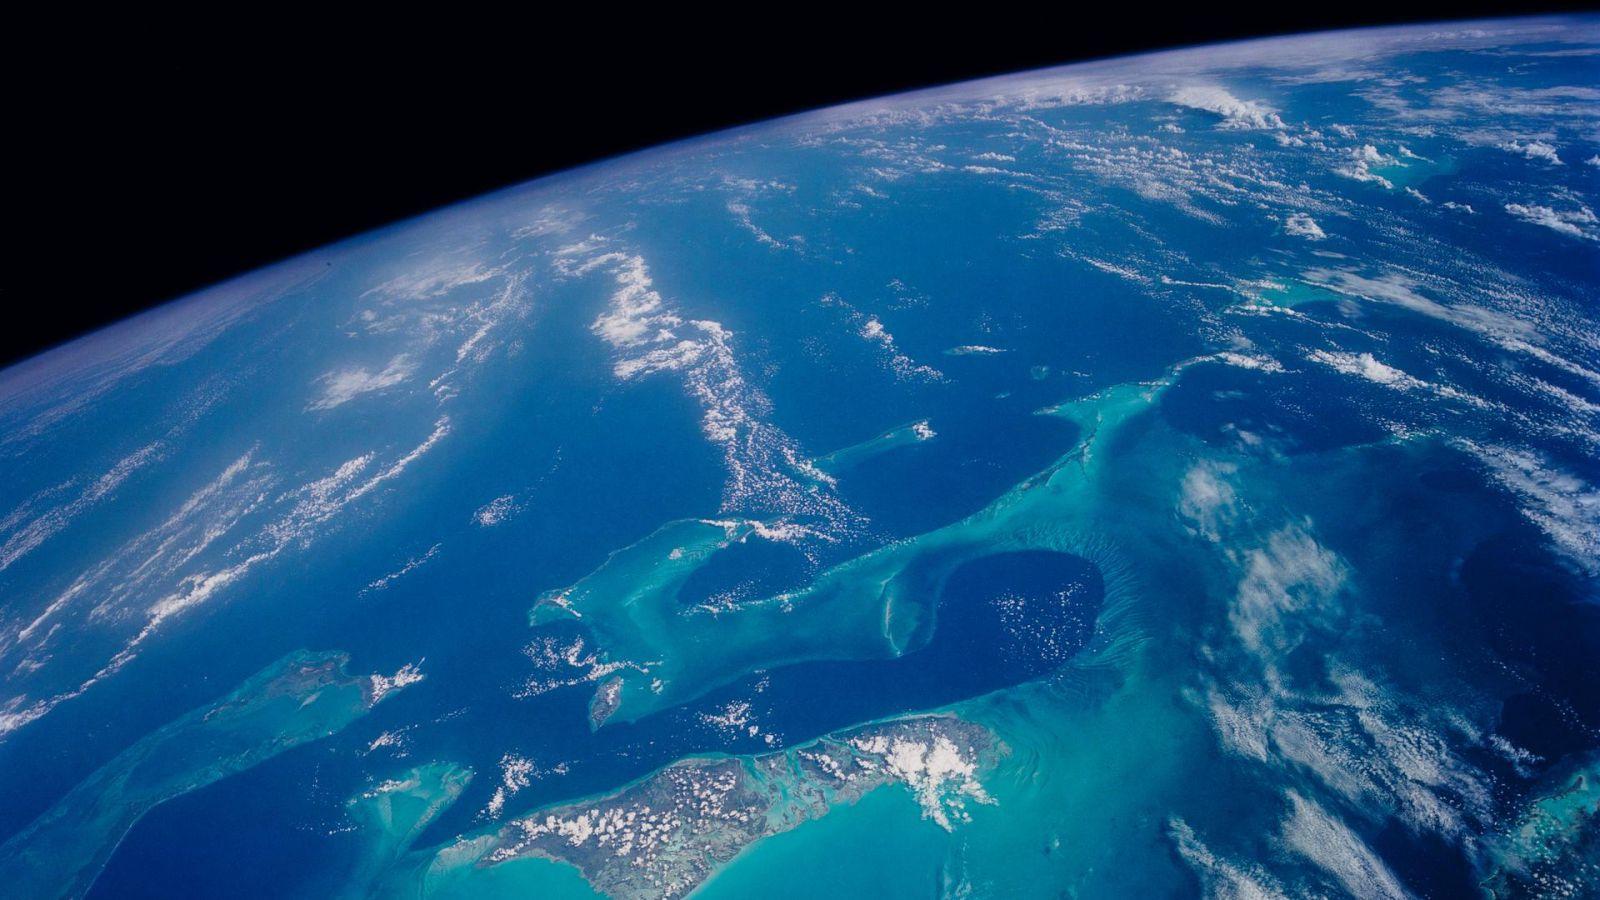 Jordens oceaner